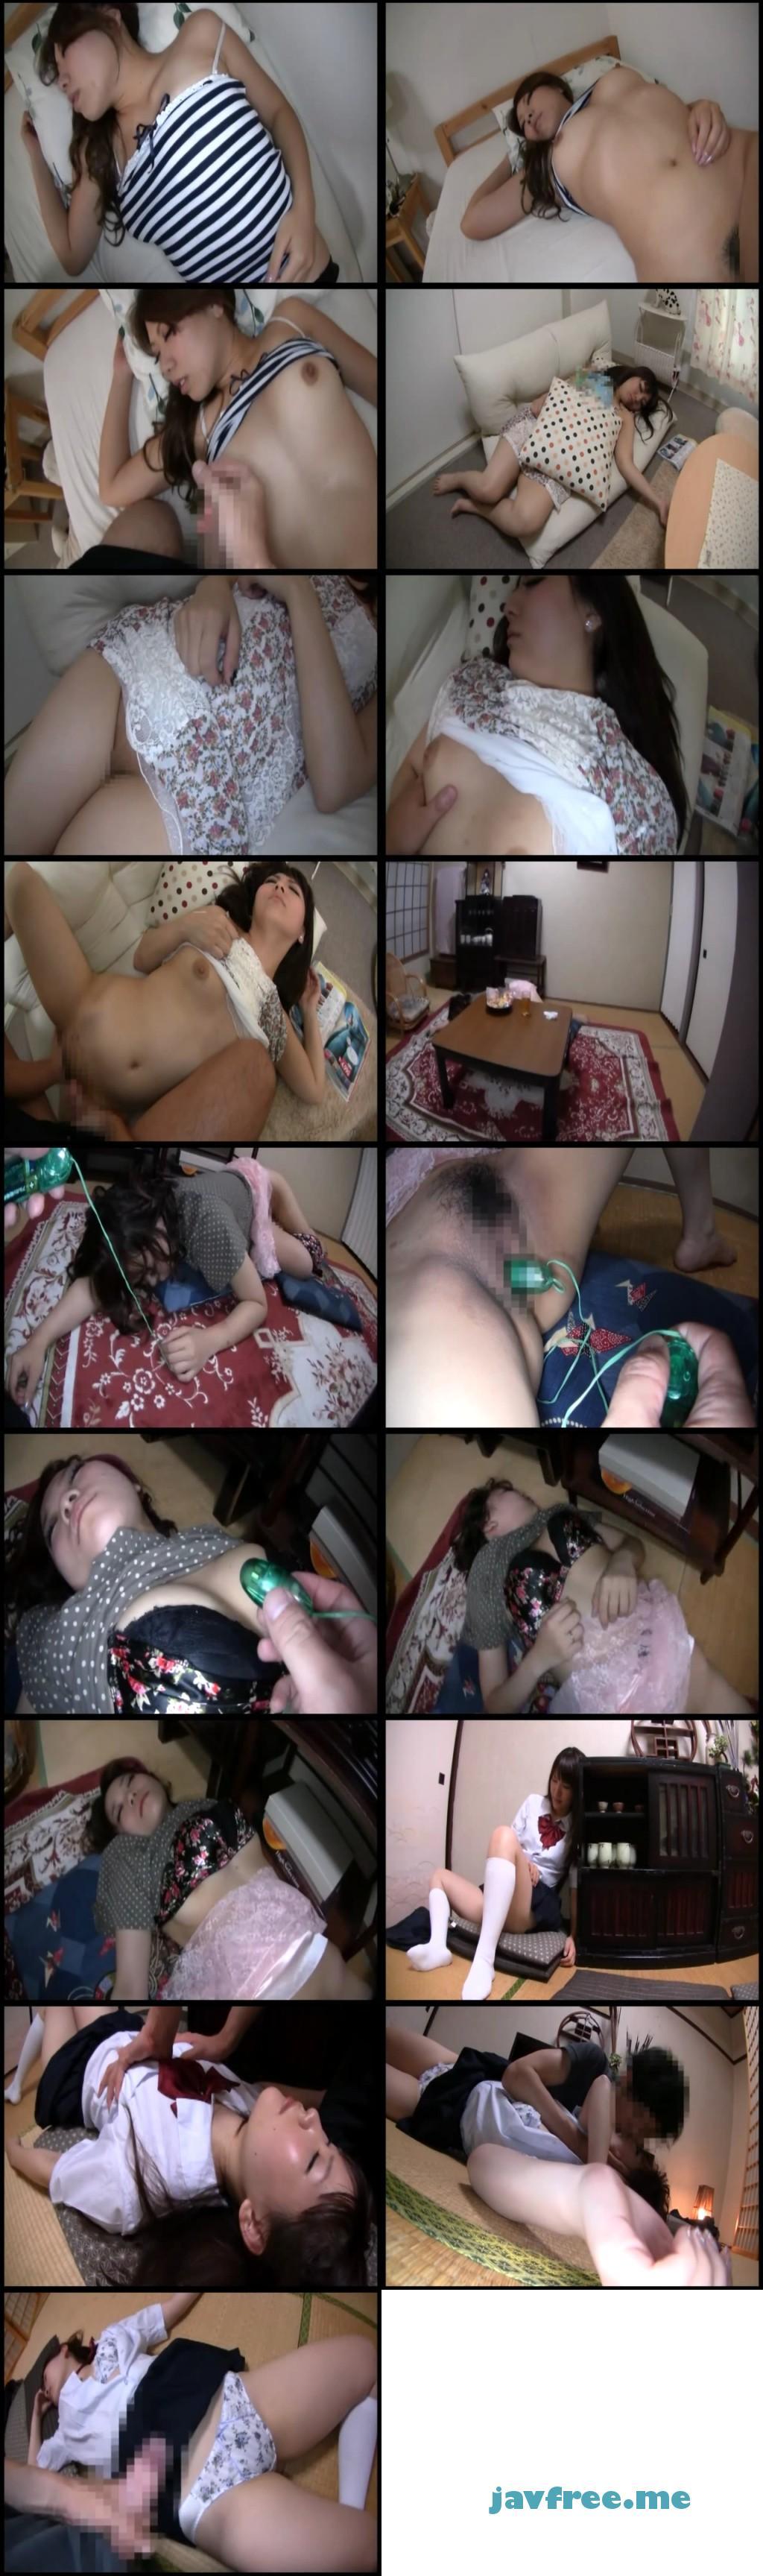 [DMAT 061] 寝ている妹にこっそり射精 DMAT